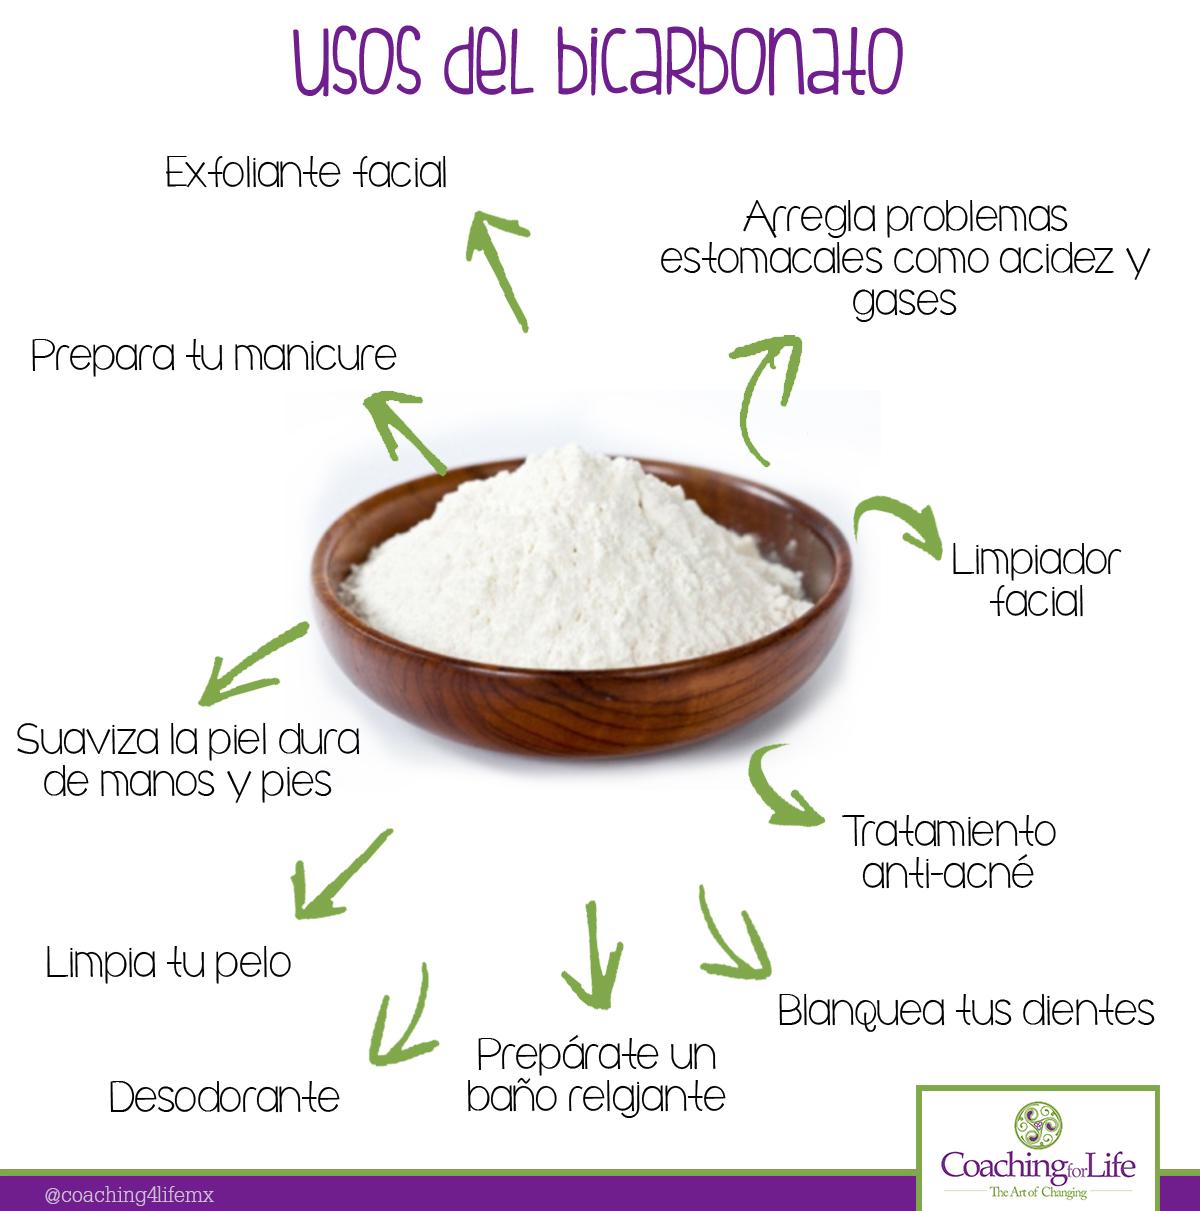 se puede tomar bicarbonato de sodio embarazada